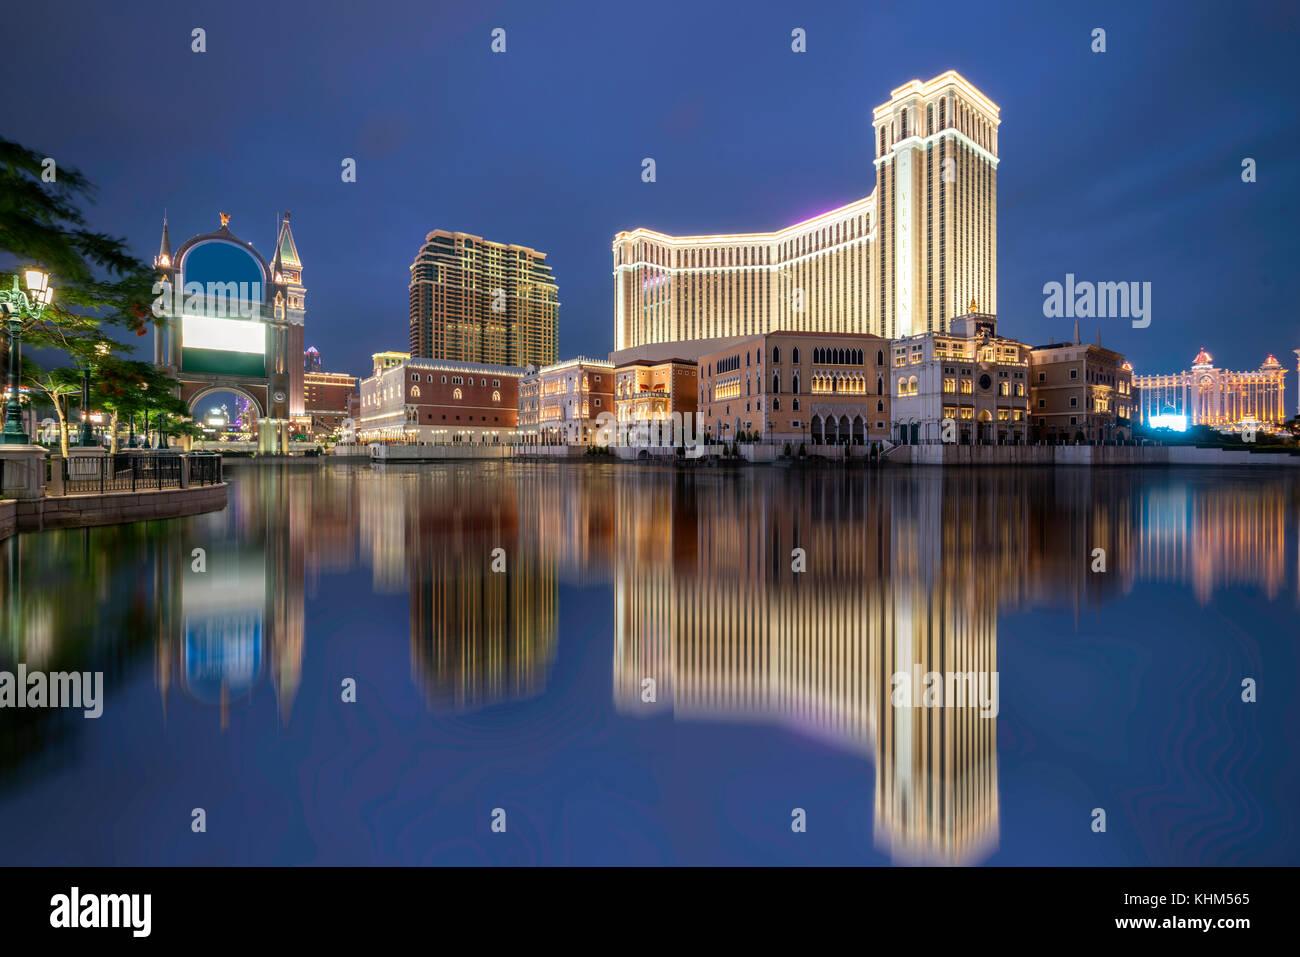 hotel casino macau china